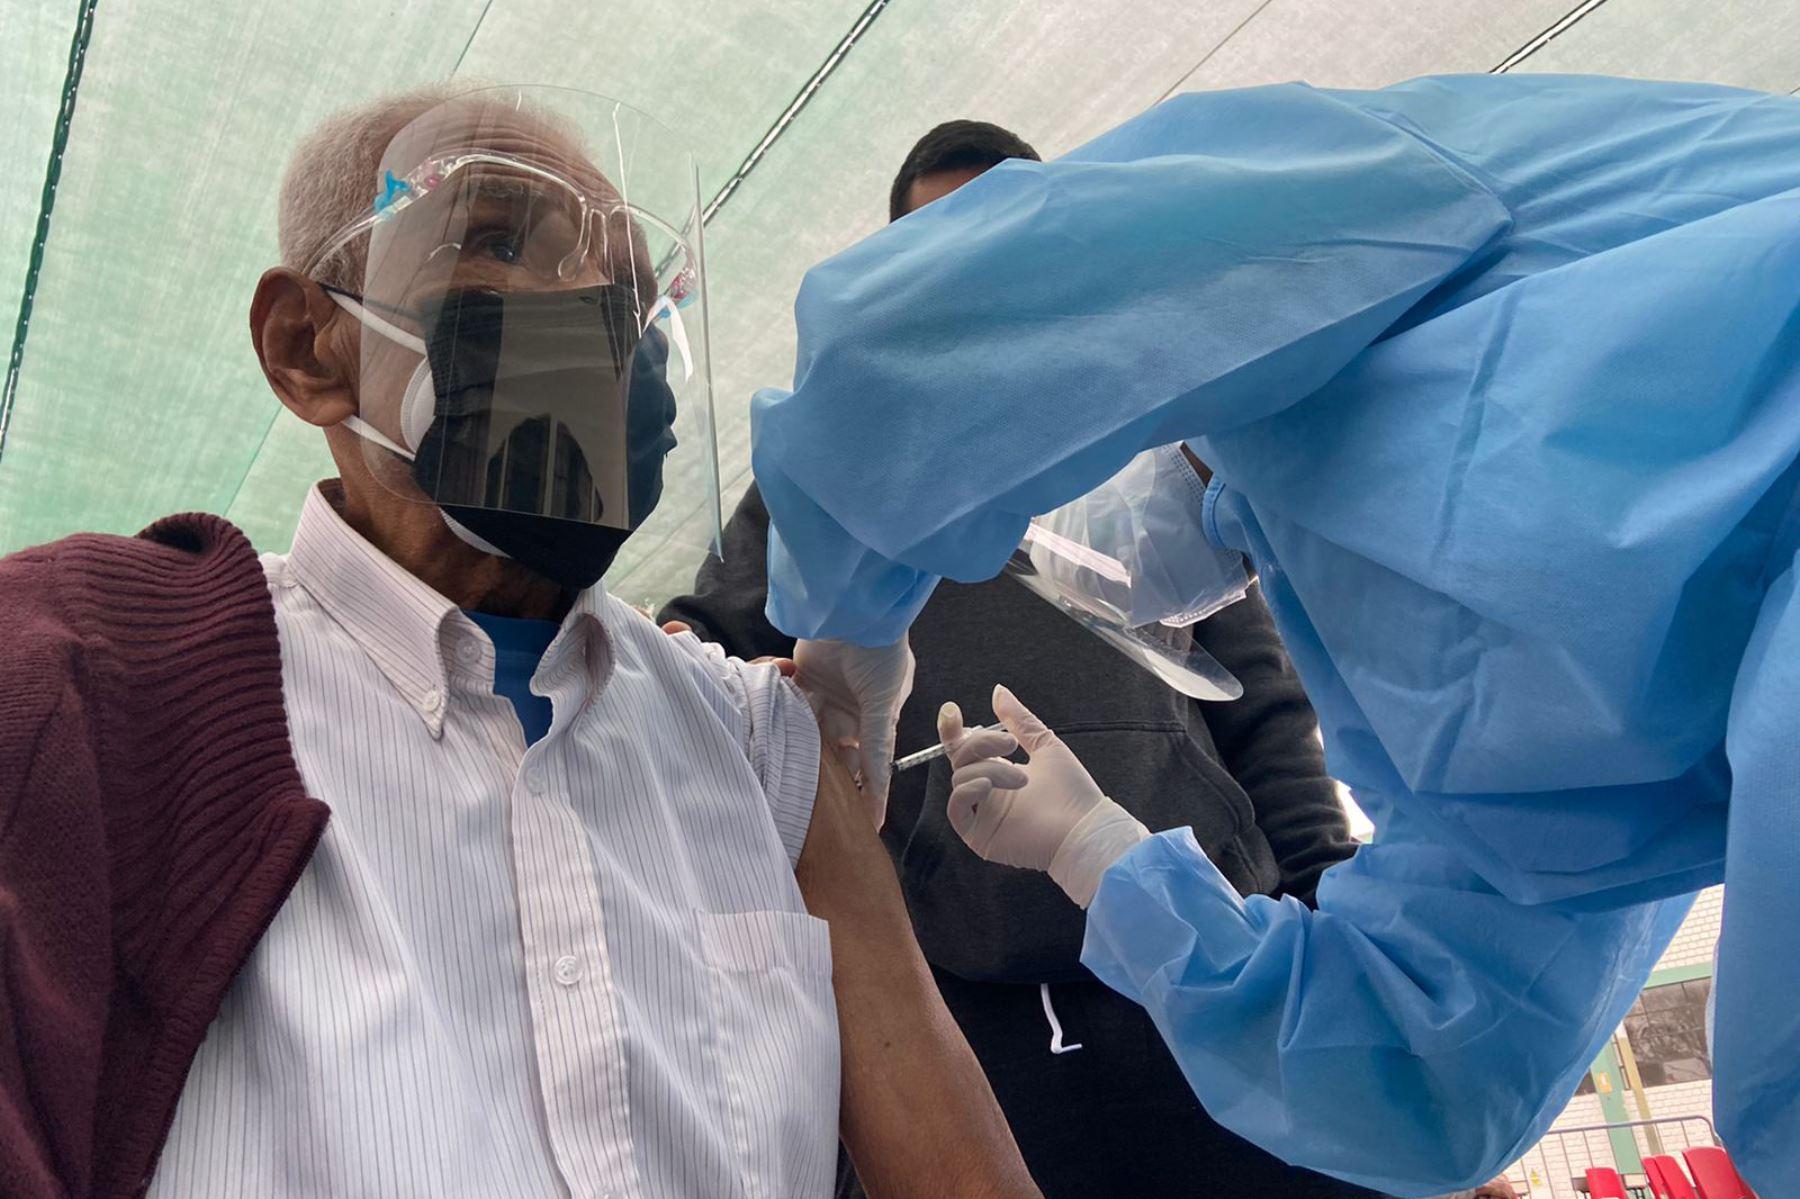 Los equipos de vacunación de la Diris Lima Sur iniciaron la inmunización de la segunda dosis contra la COVID-19 a los adultos mayores de 80 años de Chorrillos, San Juan de Miraflores, Villa María Del Triunfo y Villa El Salvador. Ministerio de Salud Foto:ANDINA/DIRISLimaSur